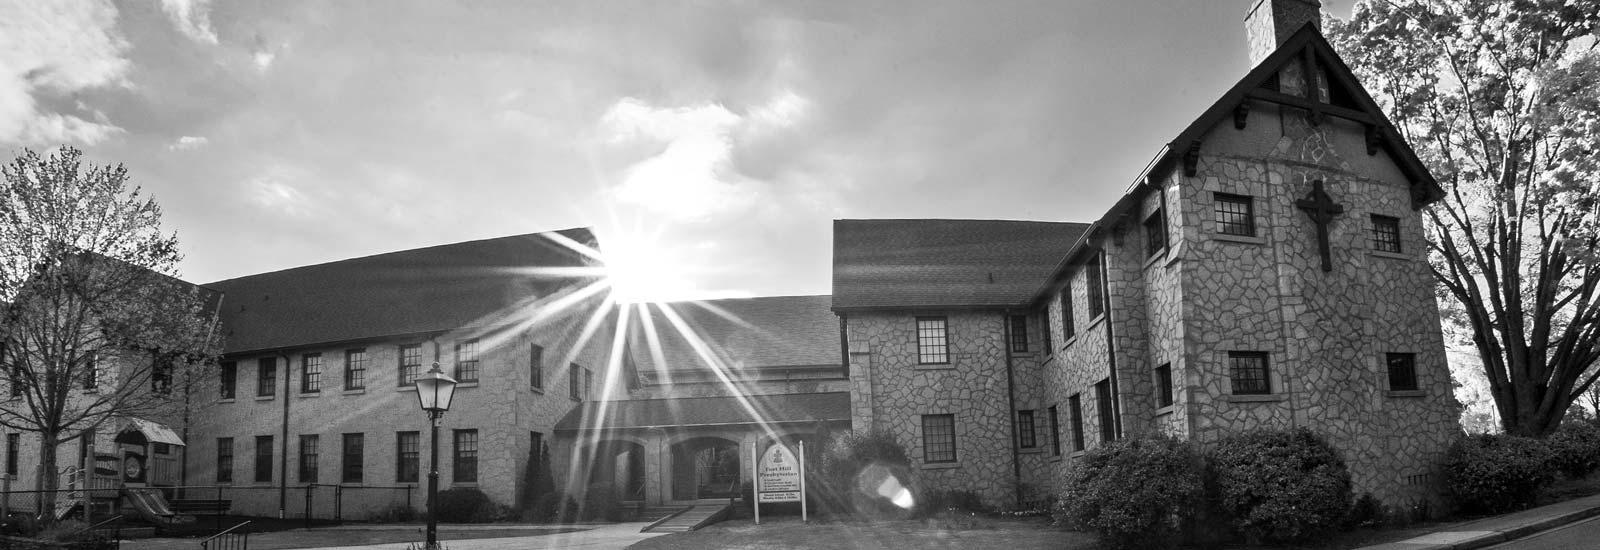 Fort Hill Presbyterian